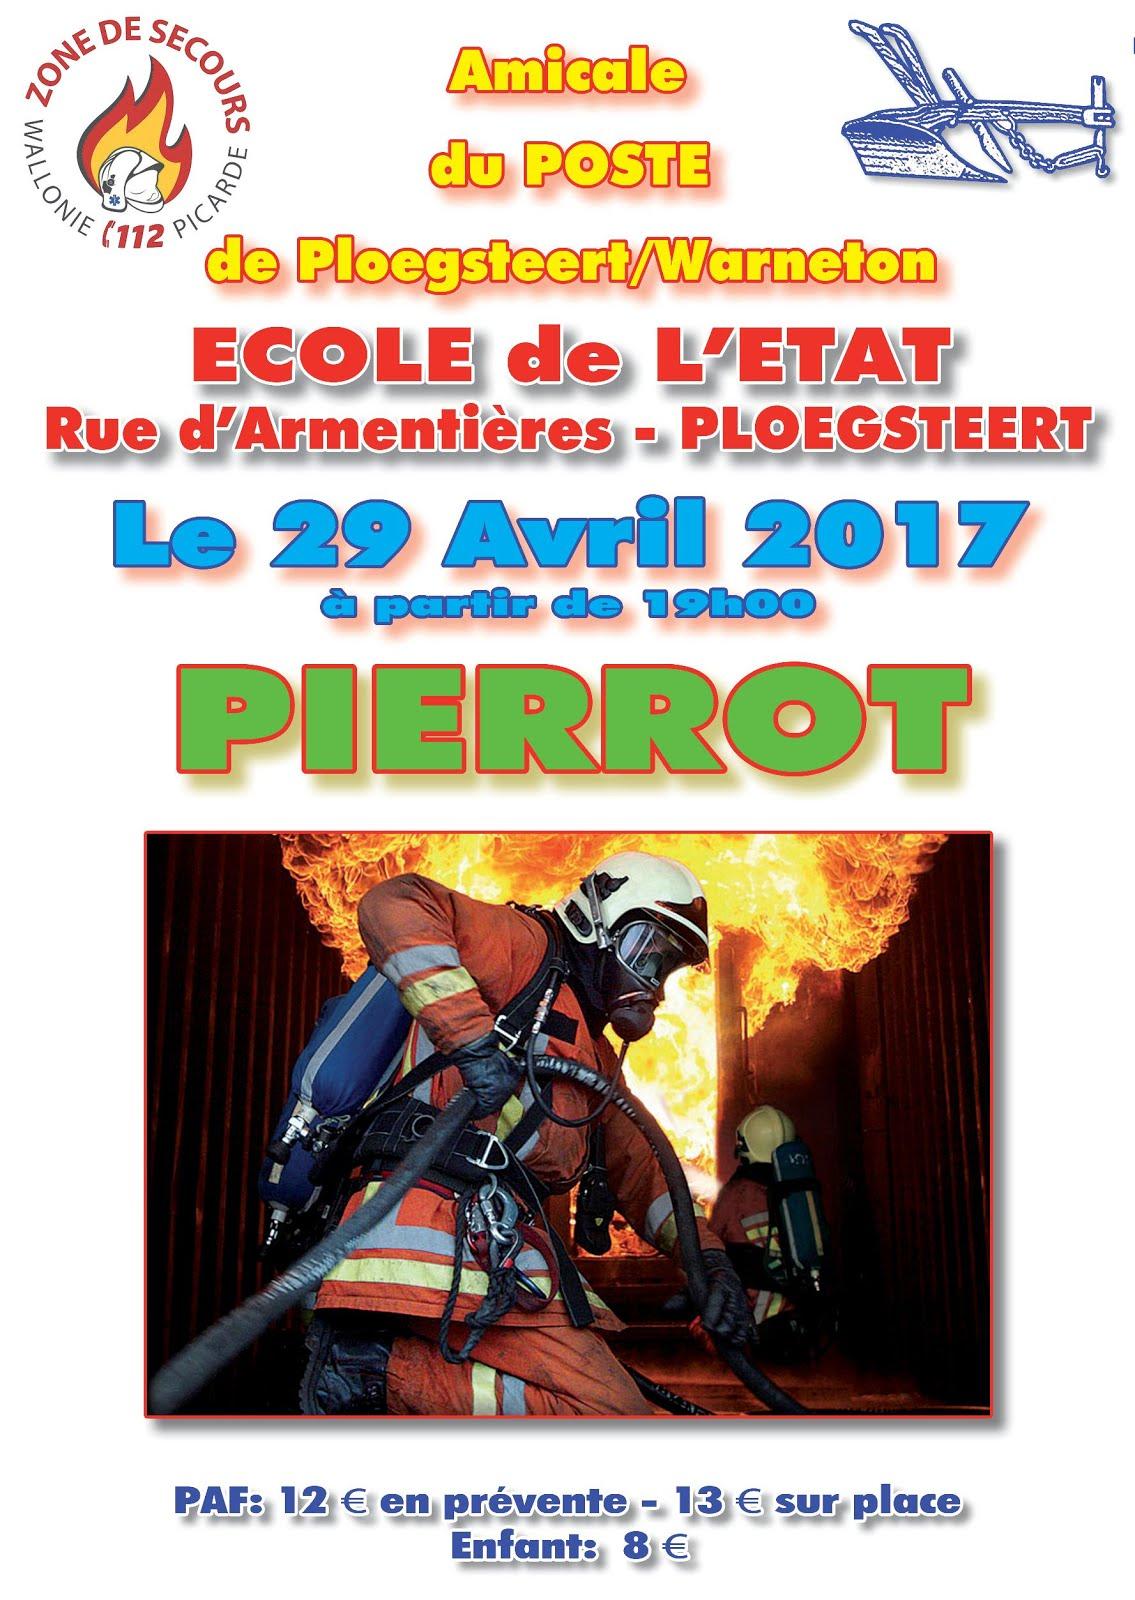 29 avril pierrot des Pompiers PLOEGSTEERT